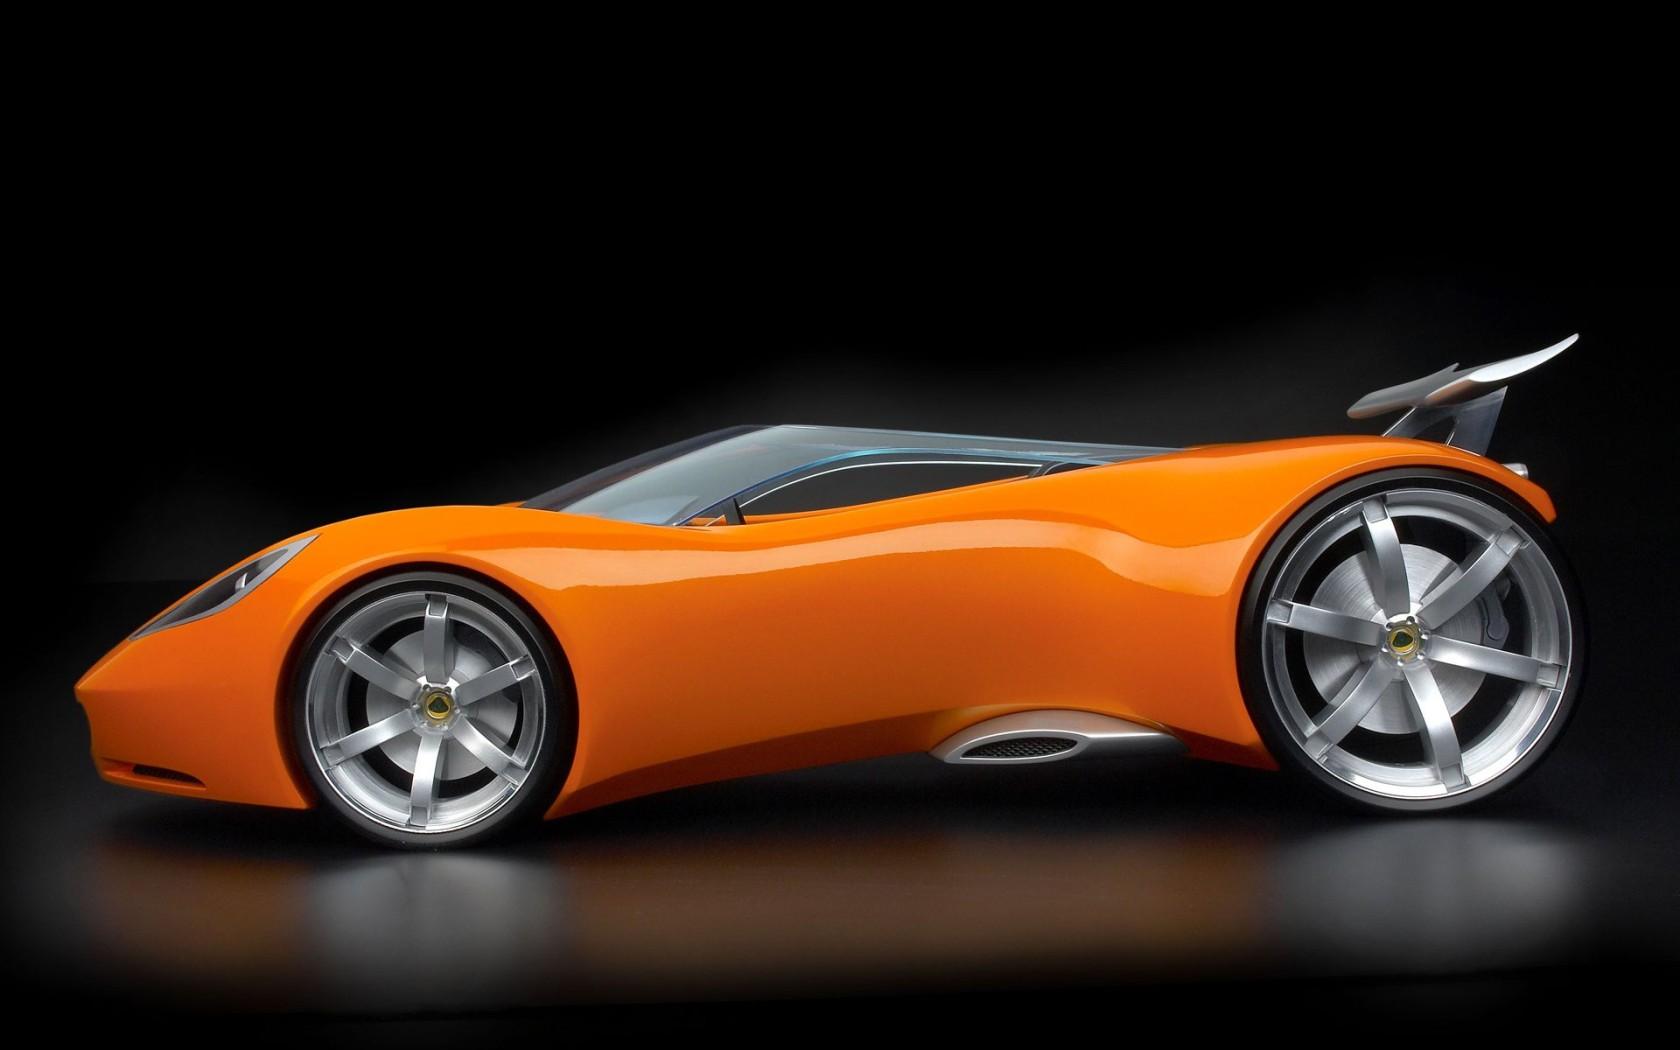 Concept car, концепт машина, спортивная